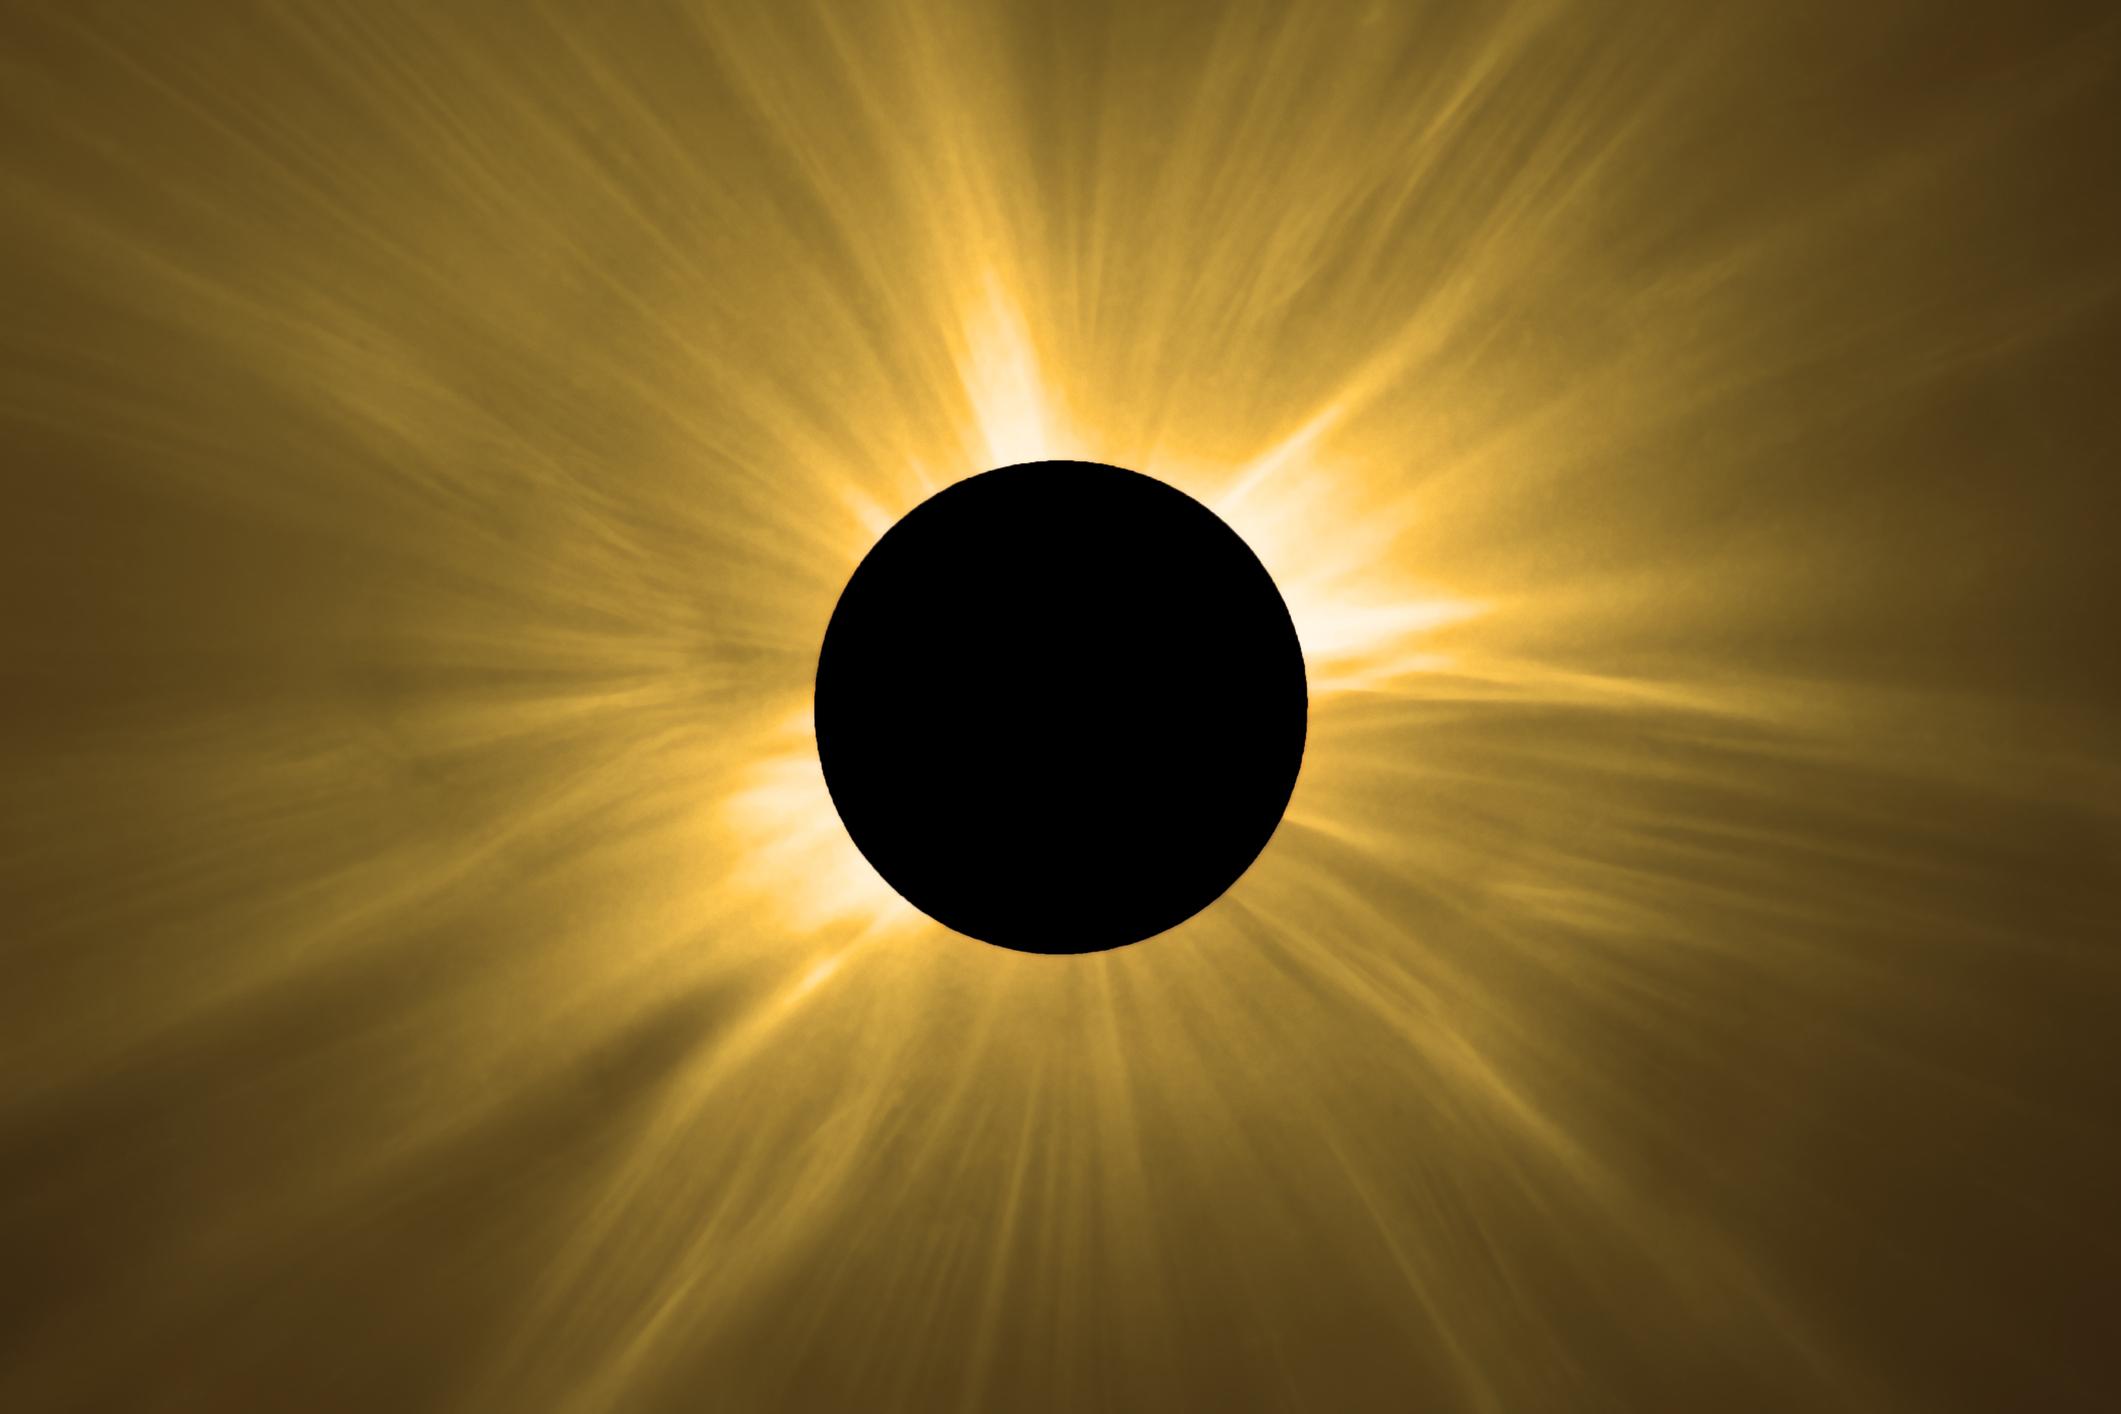 El martes 2 de julio de 2019 se producirá un eclipse solar que comenzará por el océano Pacífico, entrará en Chile, cruzará Argentina y Uruguay y finalizará en el punto sur de la desembocadura del Río de la Plata.